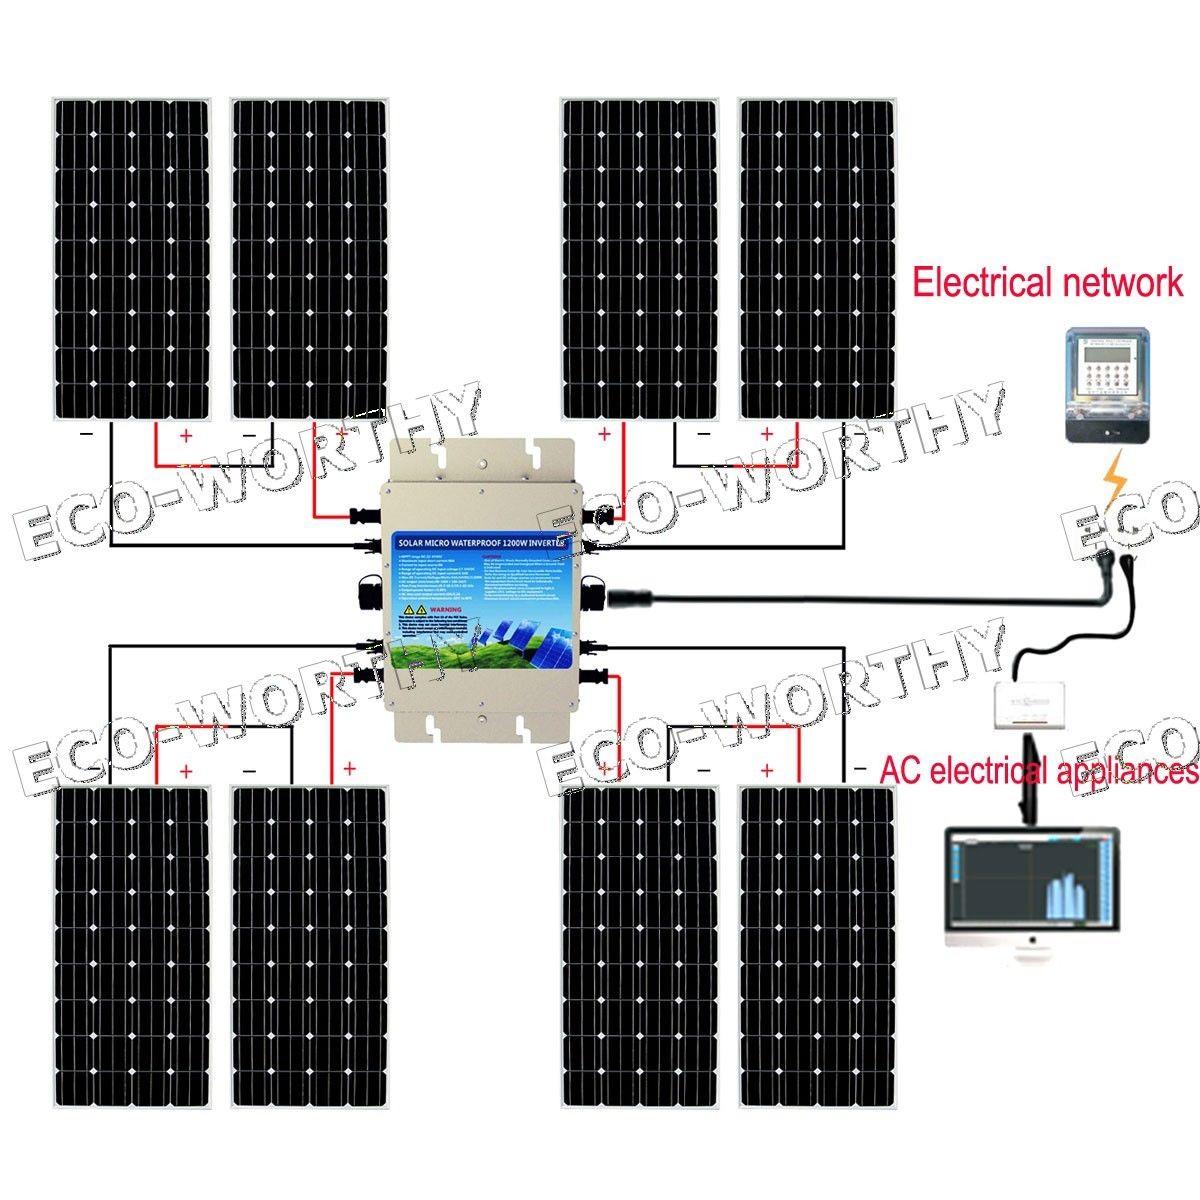 150 Вт на сетке системы: 8x120 моно солнечная панель с водостойкий инвертор в 1200